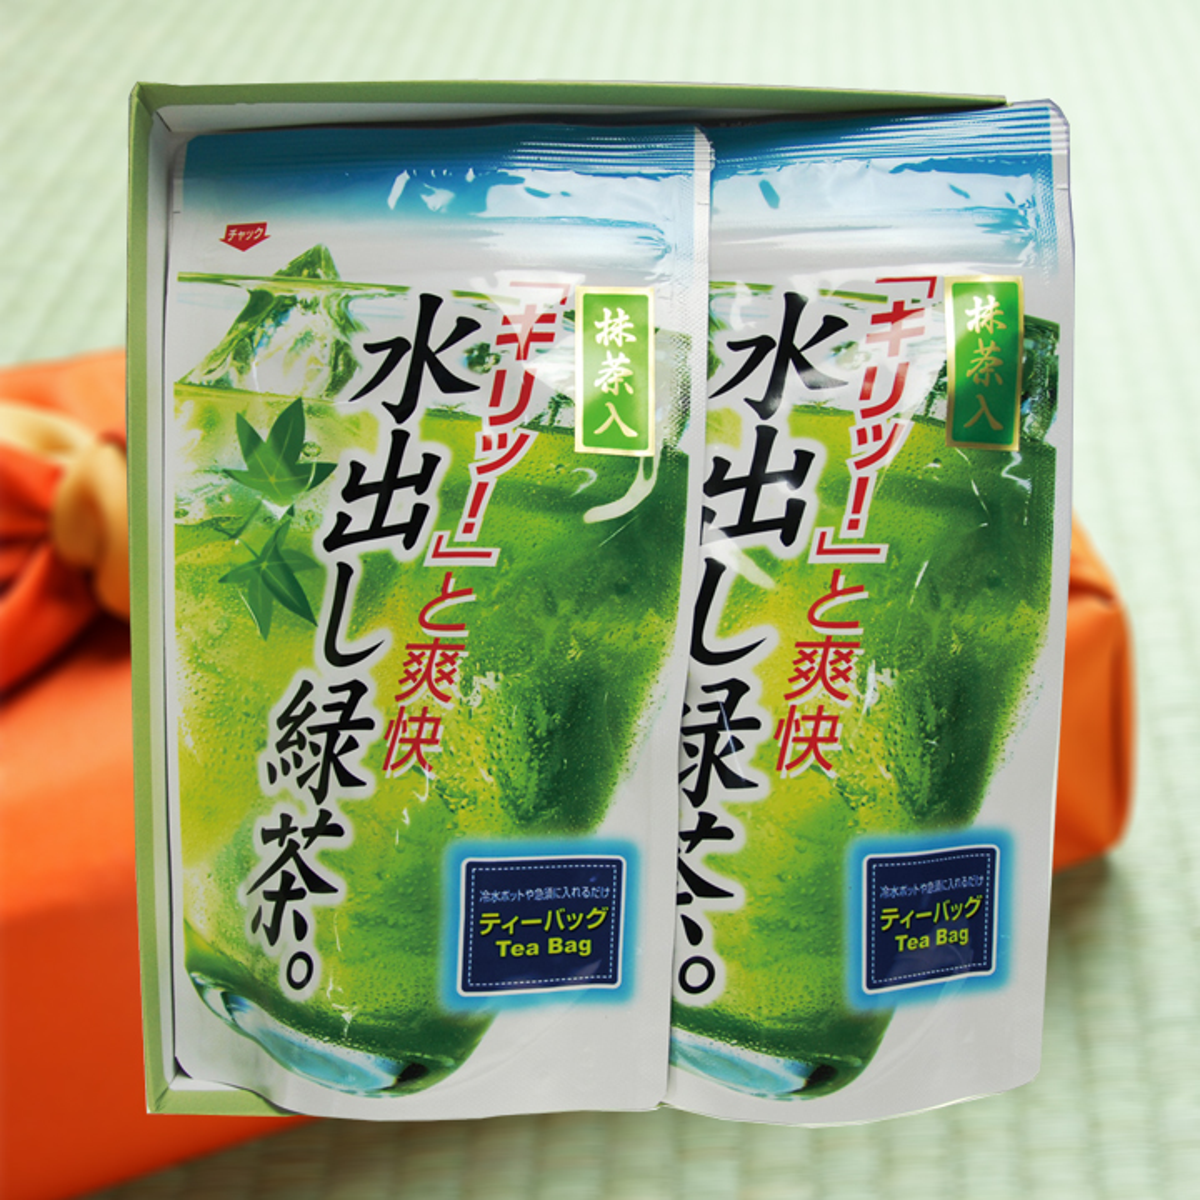 【贈答用】水出し煎茶ティ-バッグ2袋セット(5g×16ヶ入×2袋)